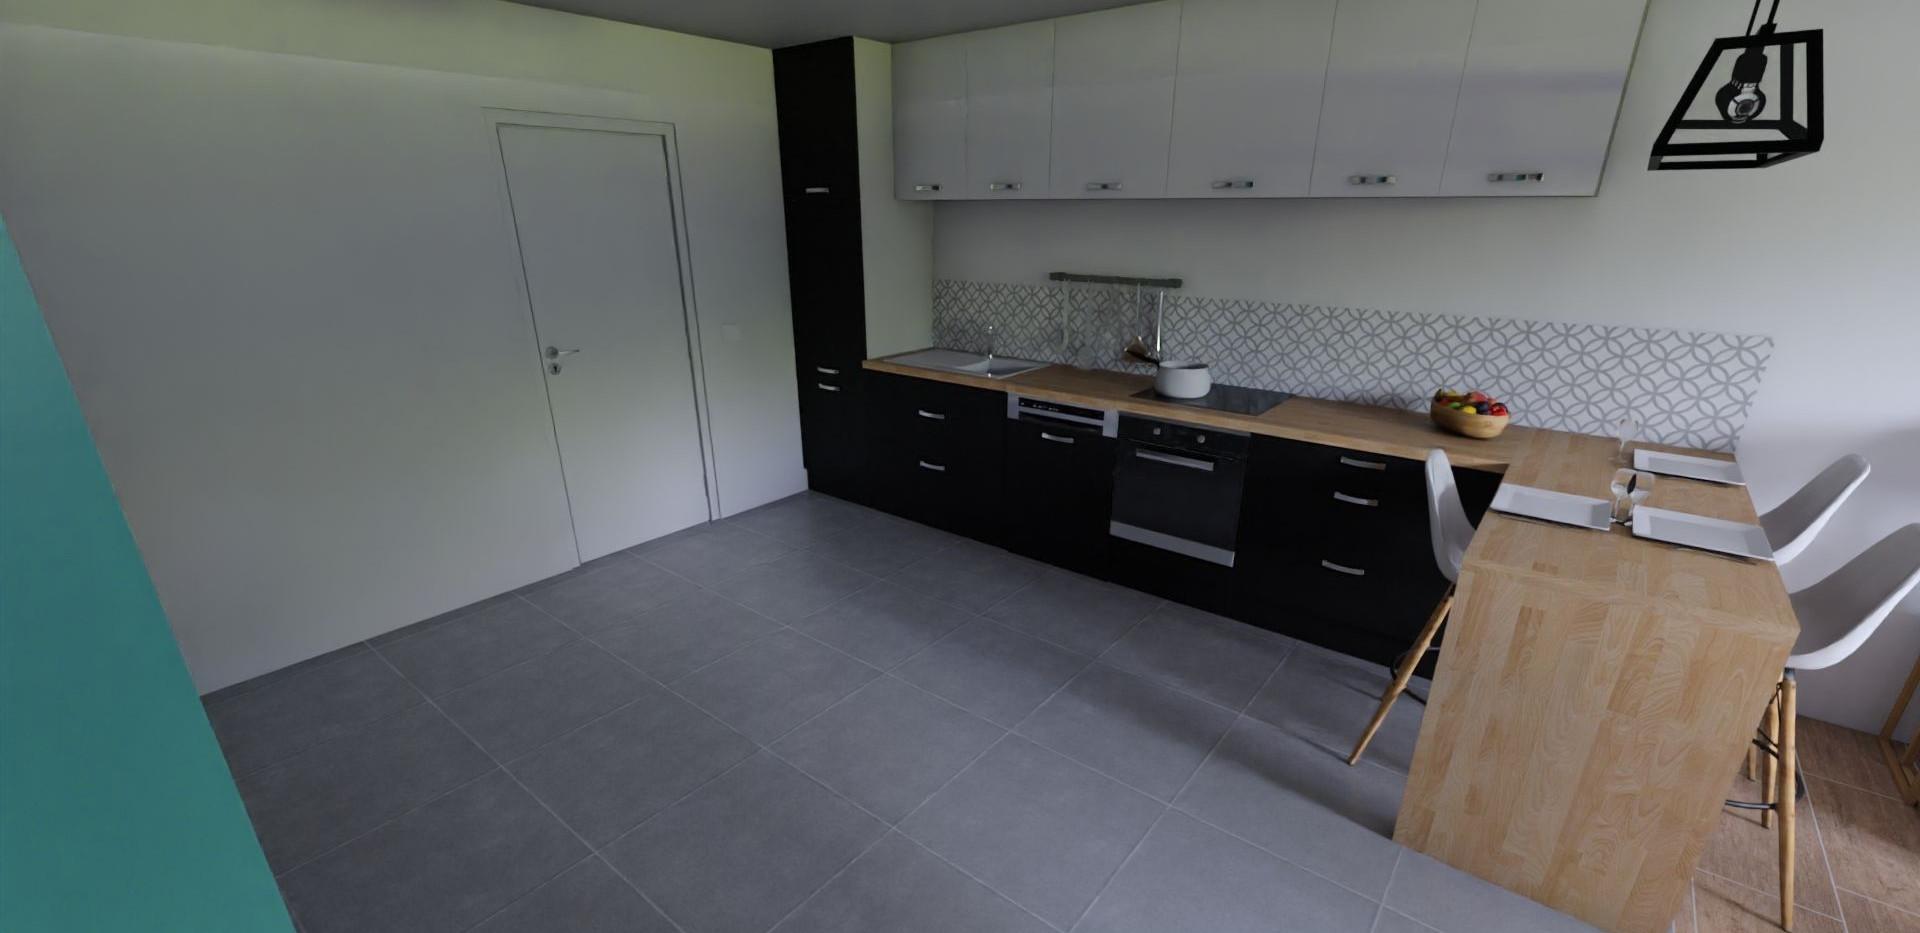 Vue 3D de la cuisine, réalisée par l'Atelier De Nath